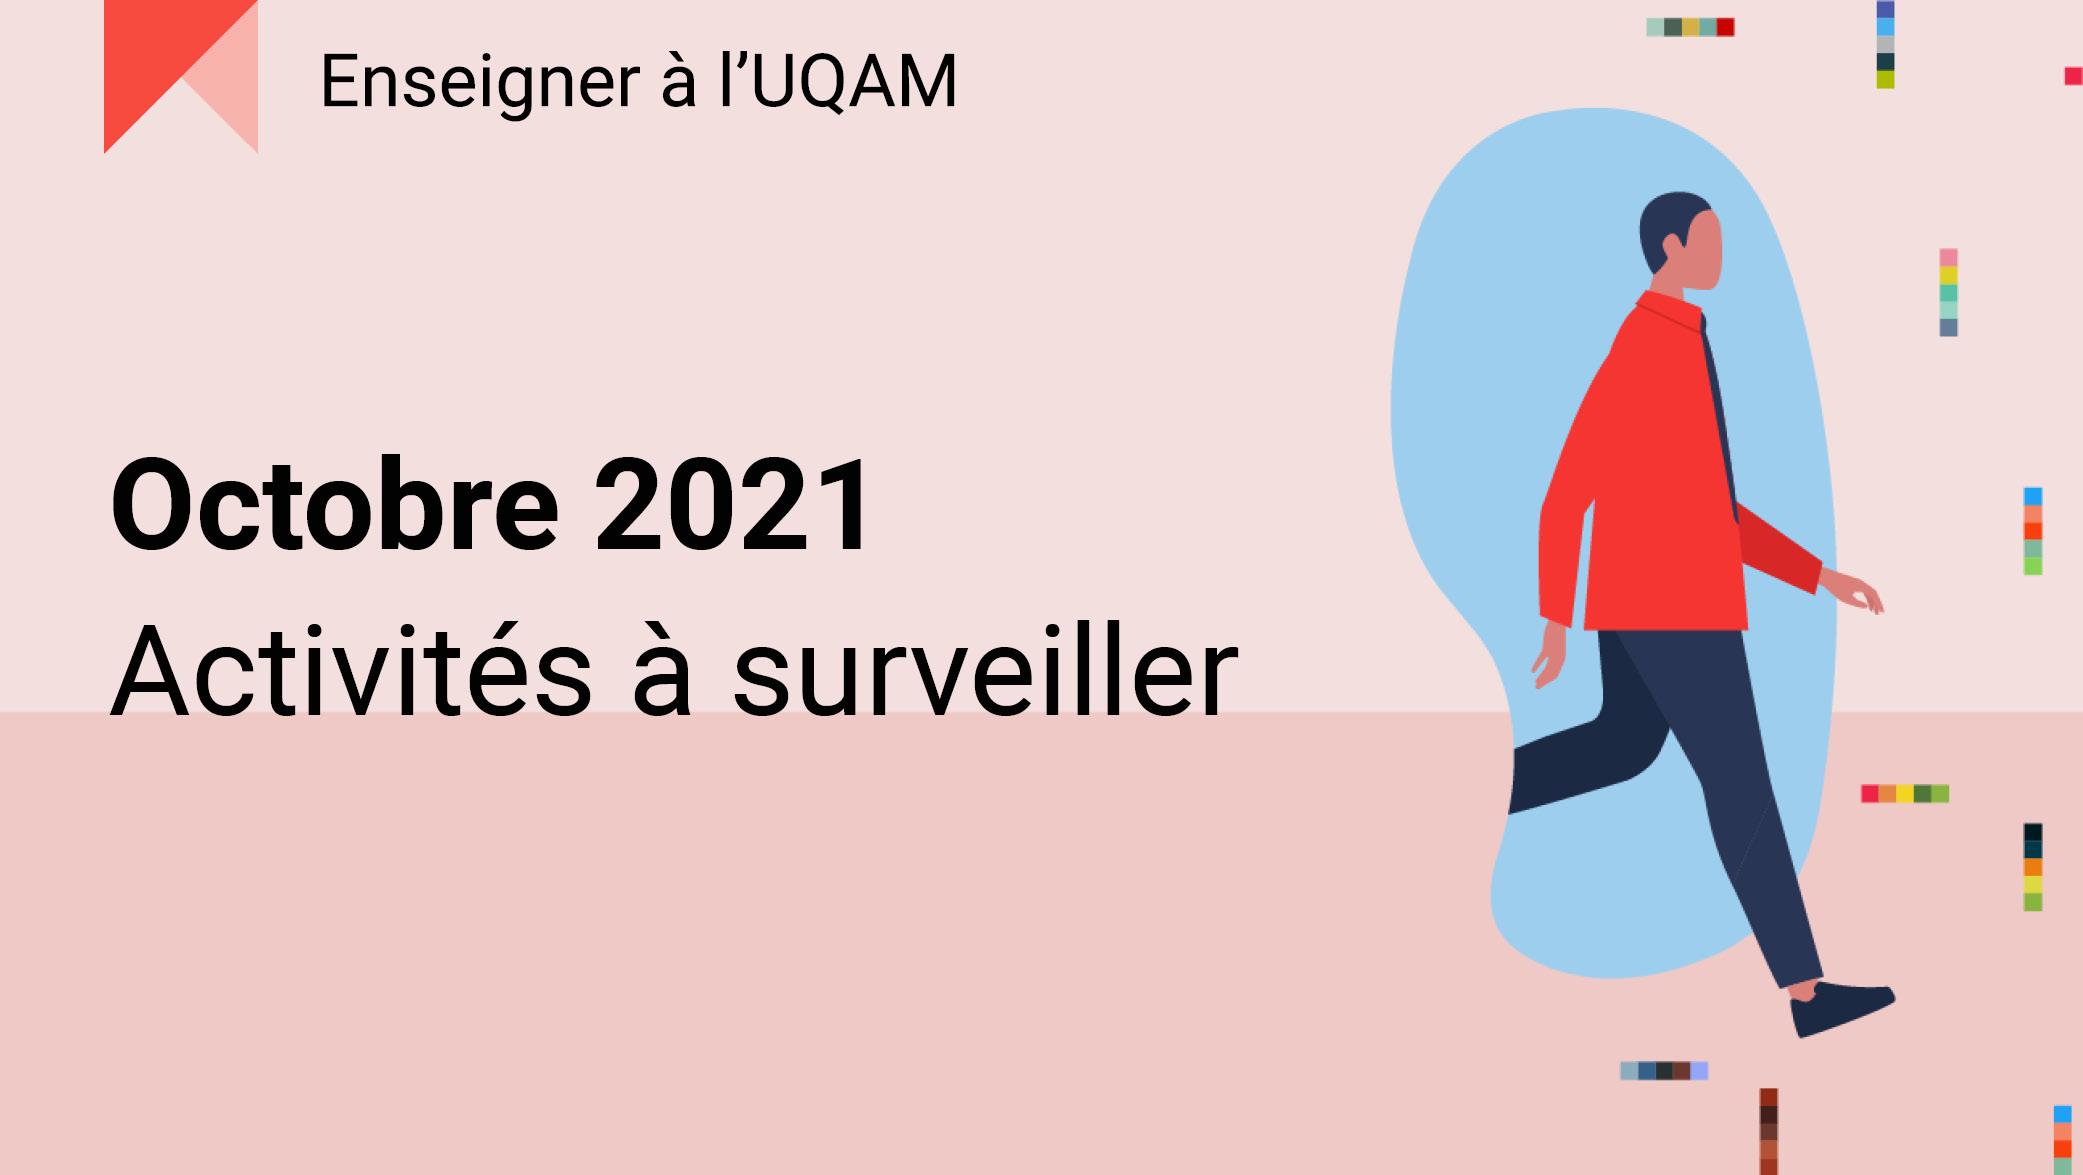 Octobre 2021 : Activités à surveiller